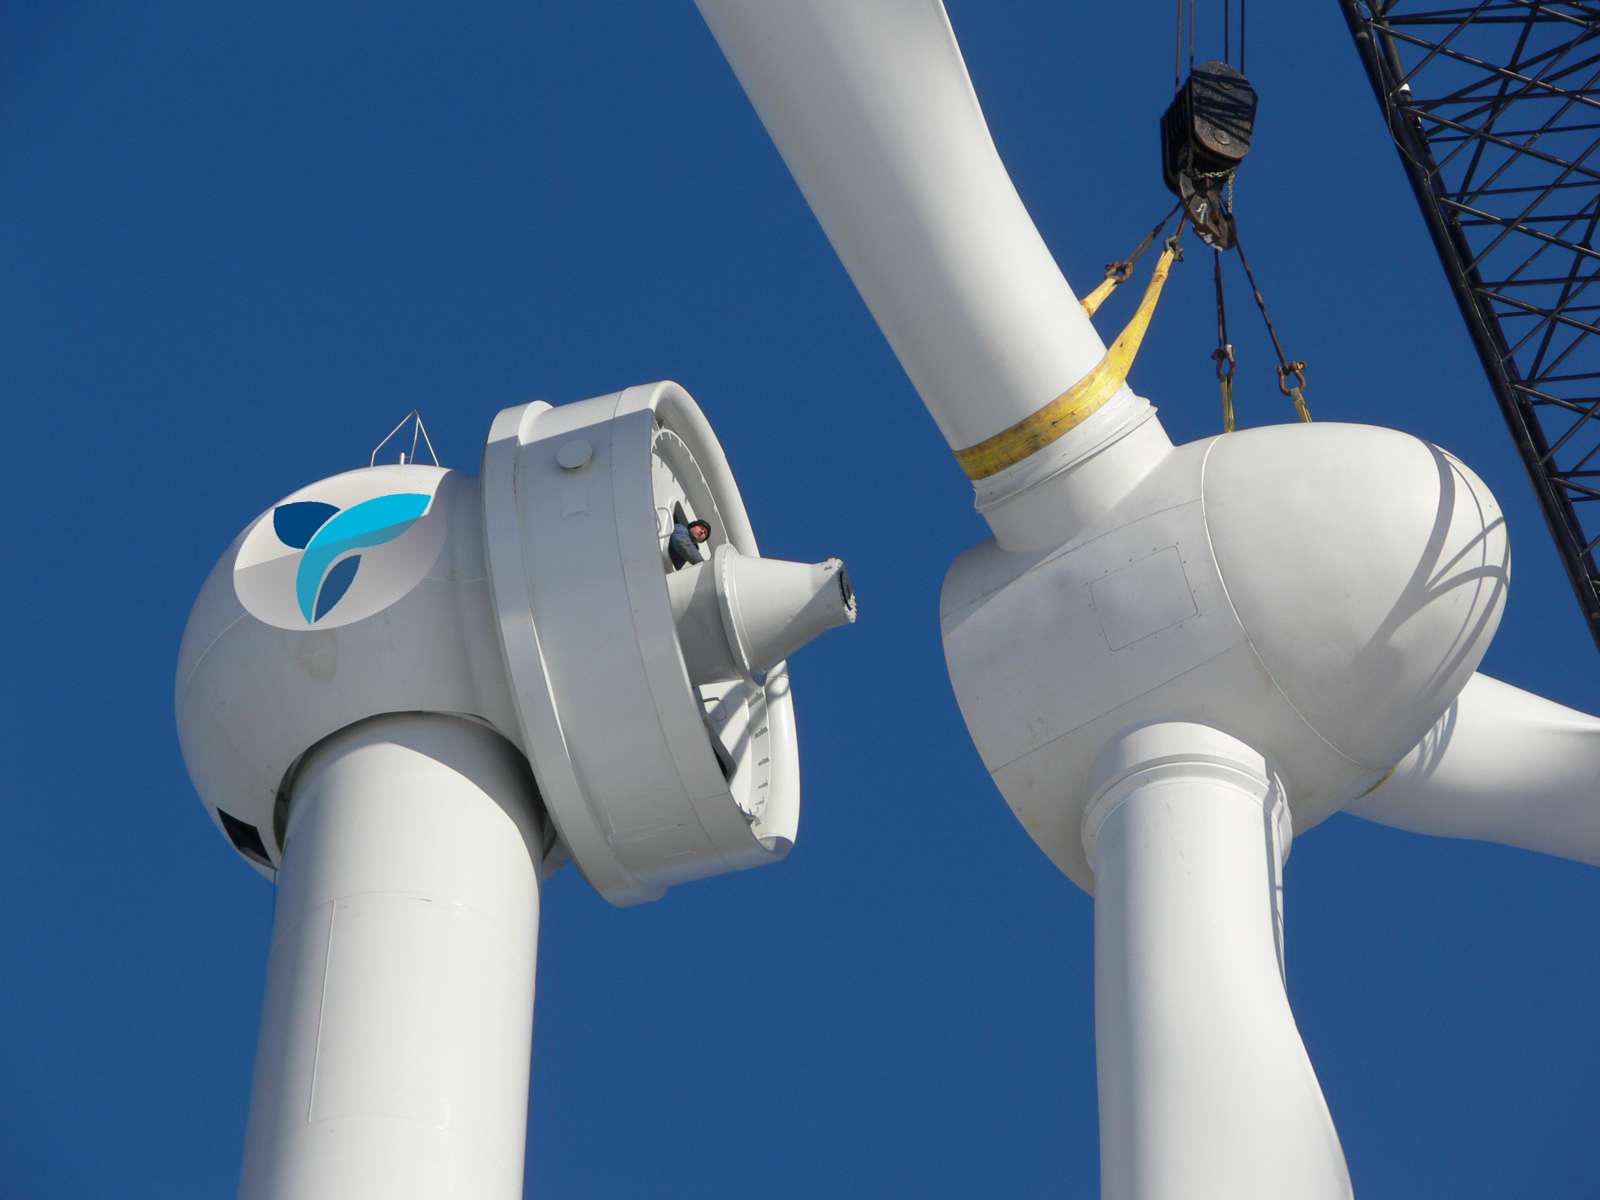 Eólica: Instalan los aerogeneradores de Eózen en el parque eólico experimental de Padul (Granada)